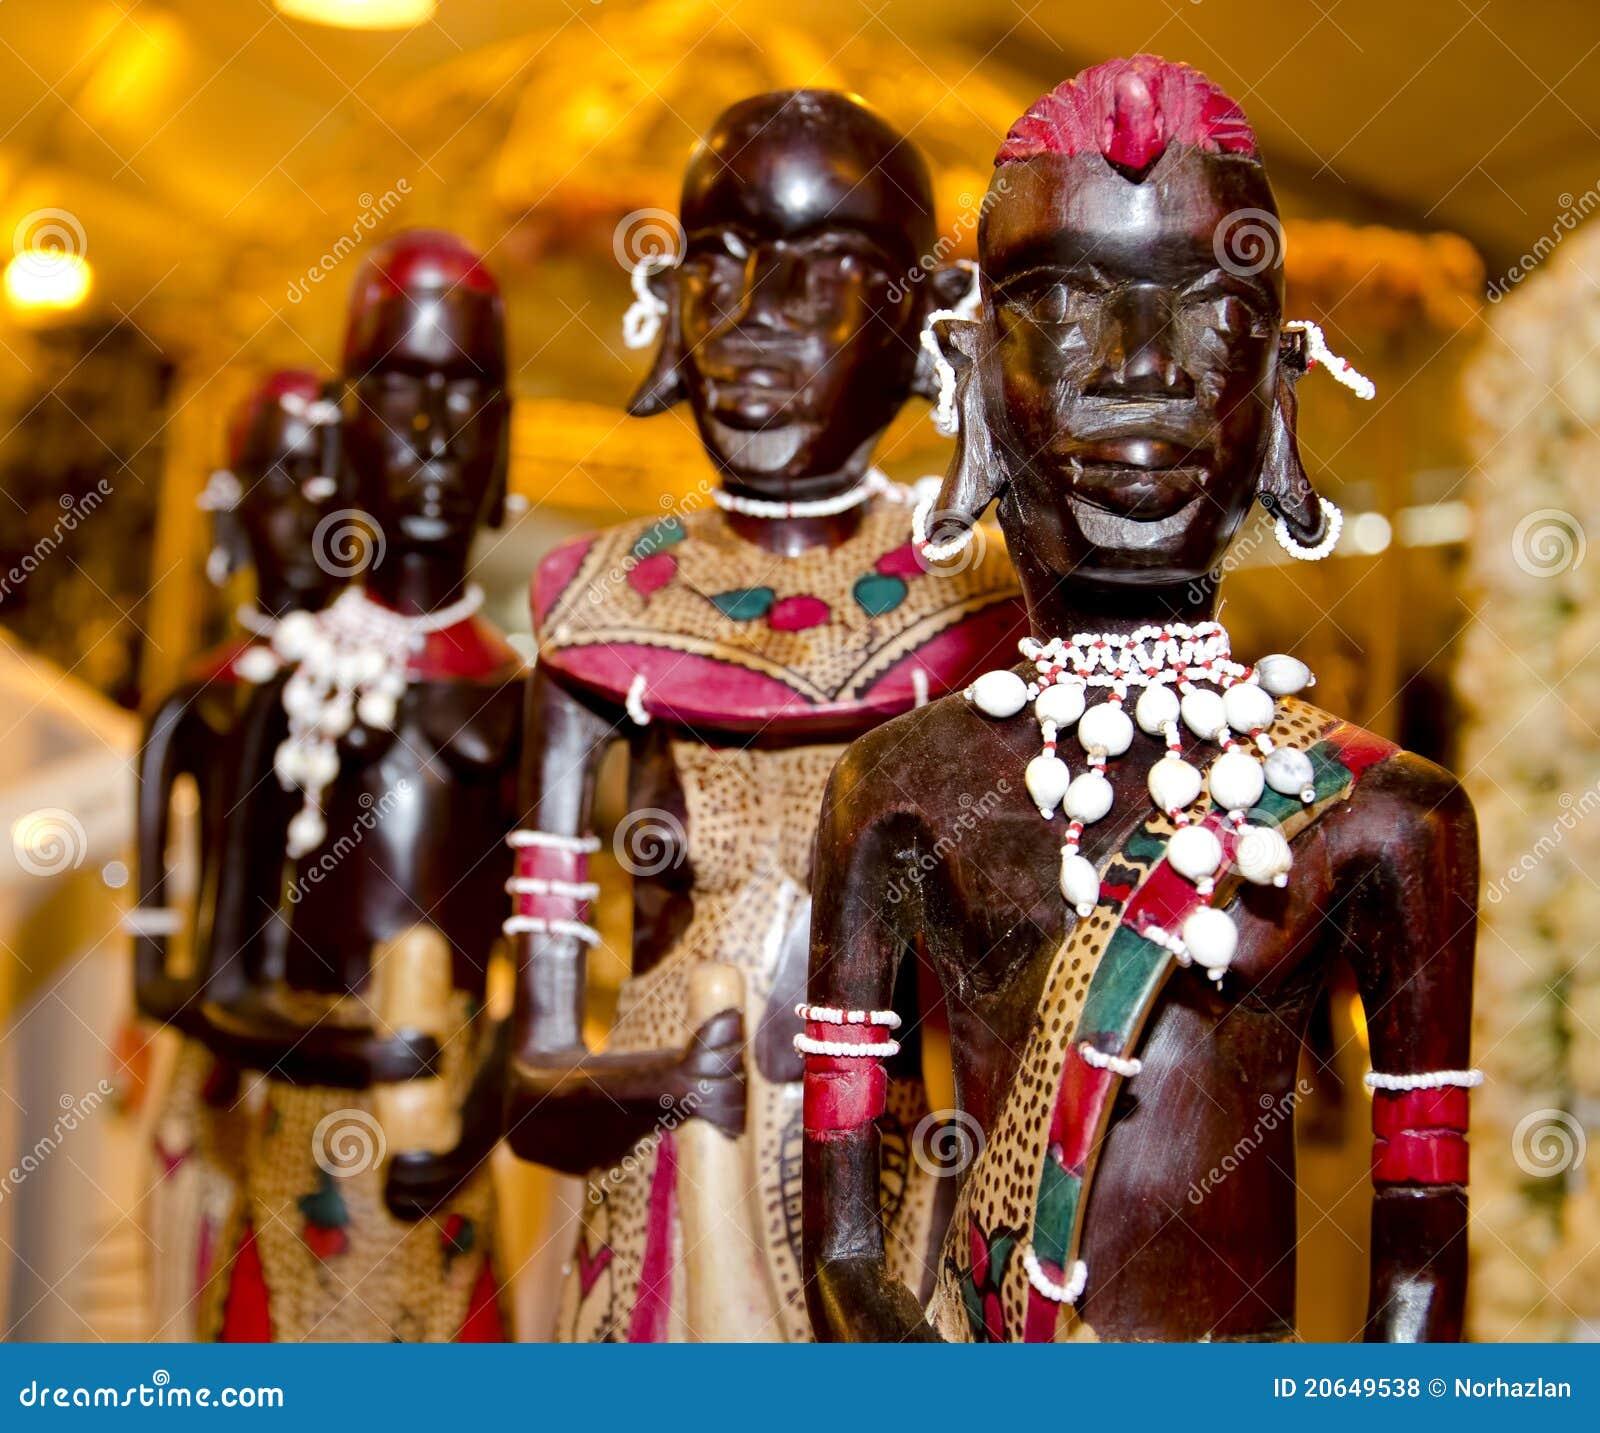 Statue Africaine En Bois Photos libres de droits Image 20649538 # Sculpture Africaine En Bois